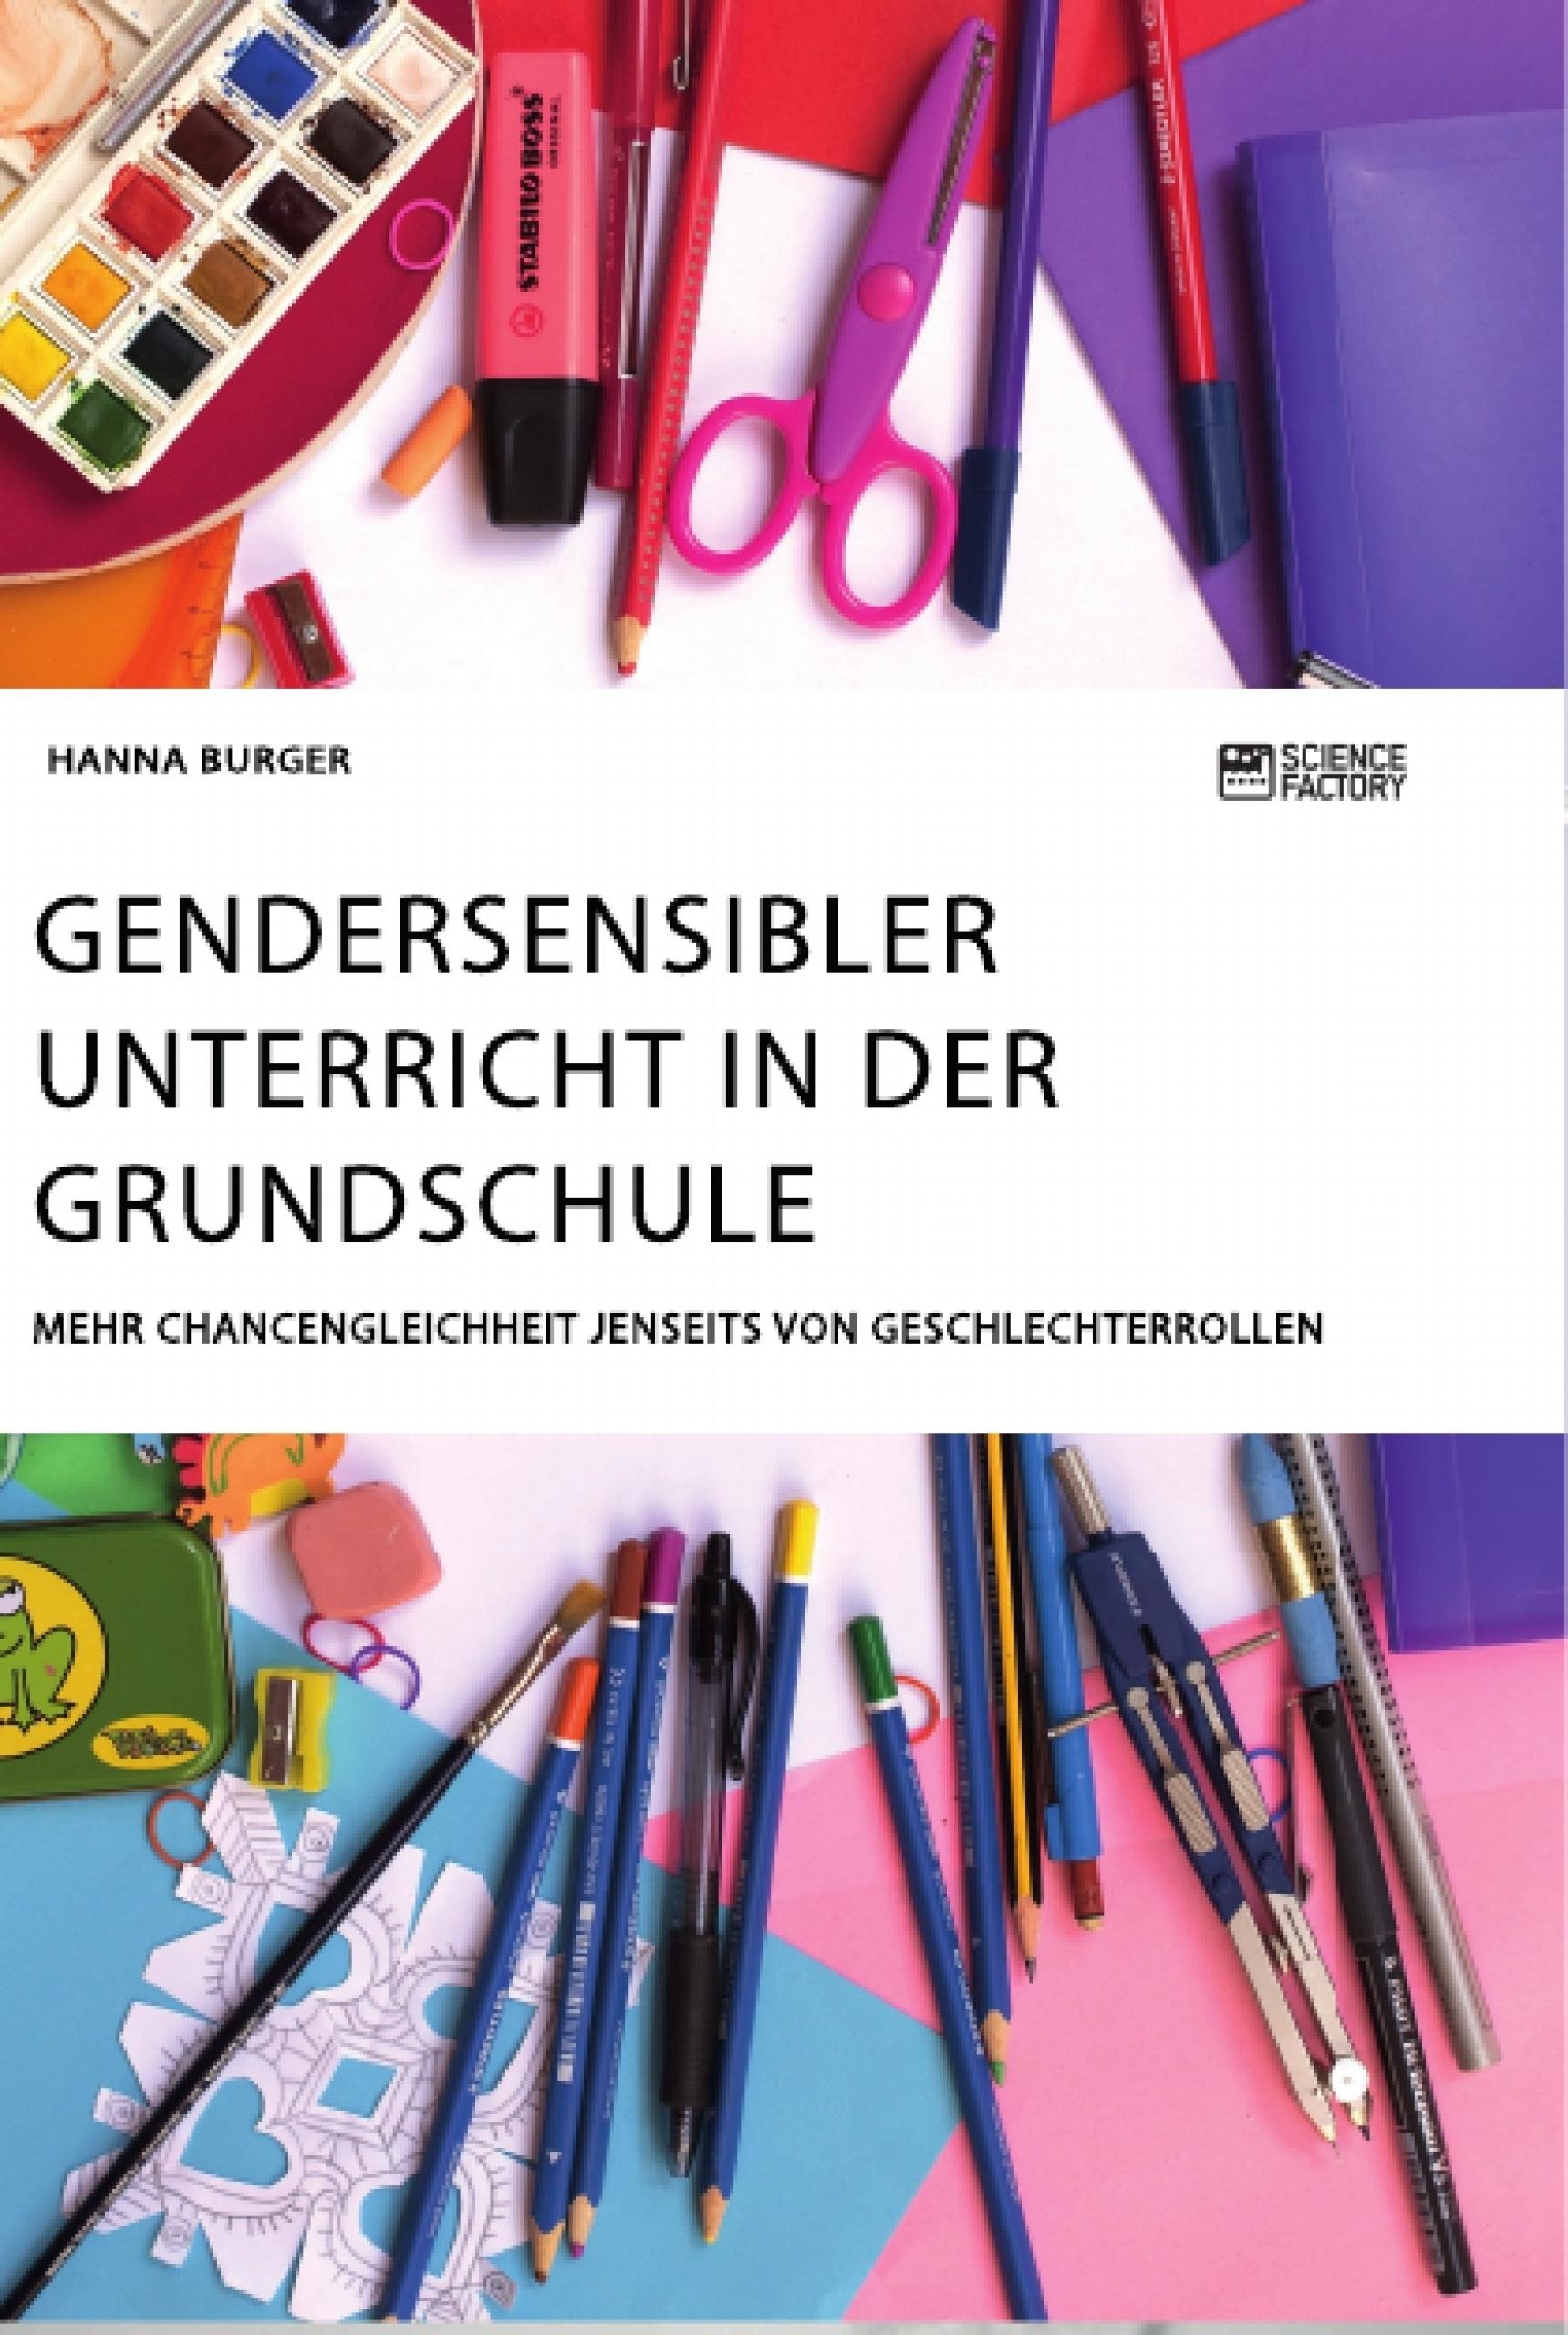 Titel: Gendersensibler Unterricht in der Grundschule. Mehr Chancengleichheit jenseits von Geschlechterrollen